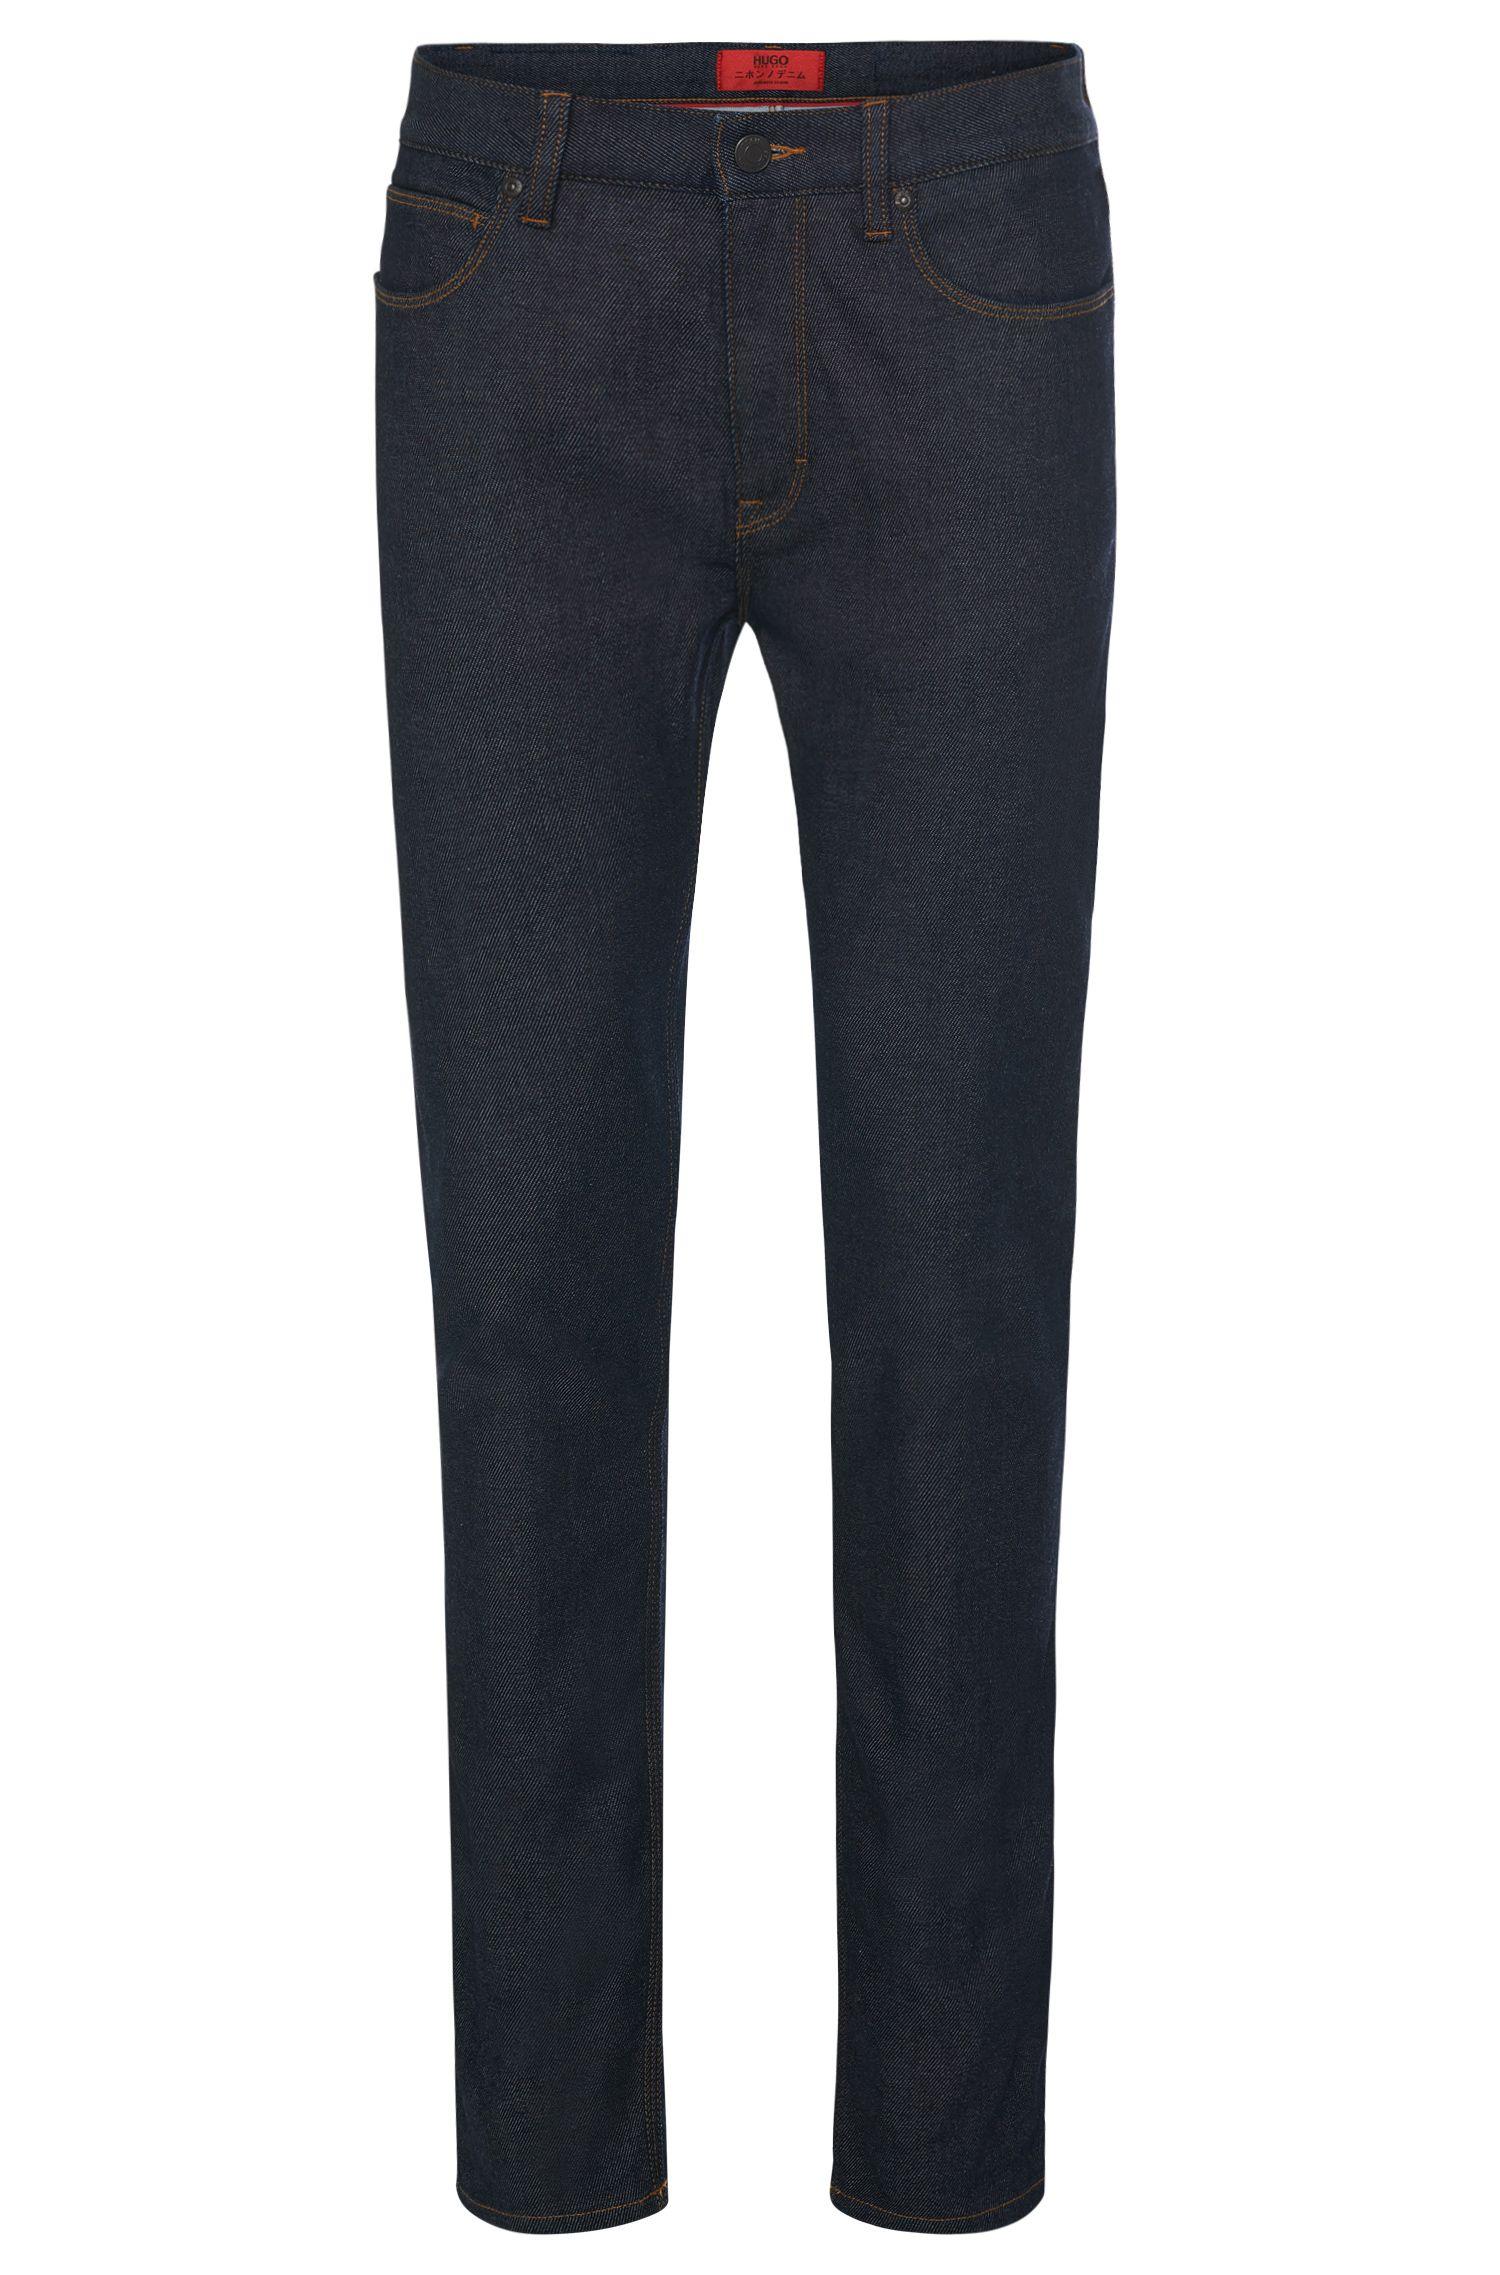 10 oz Japanese Cotton Blend Jeans, Skinny Fit | Hugo 734